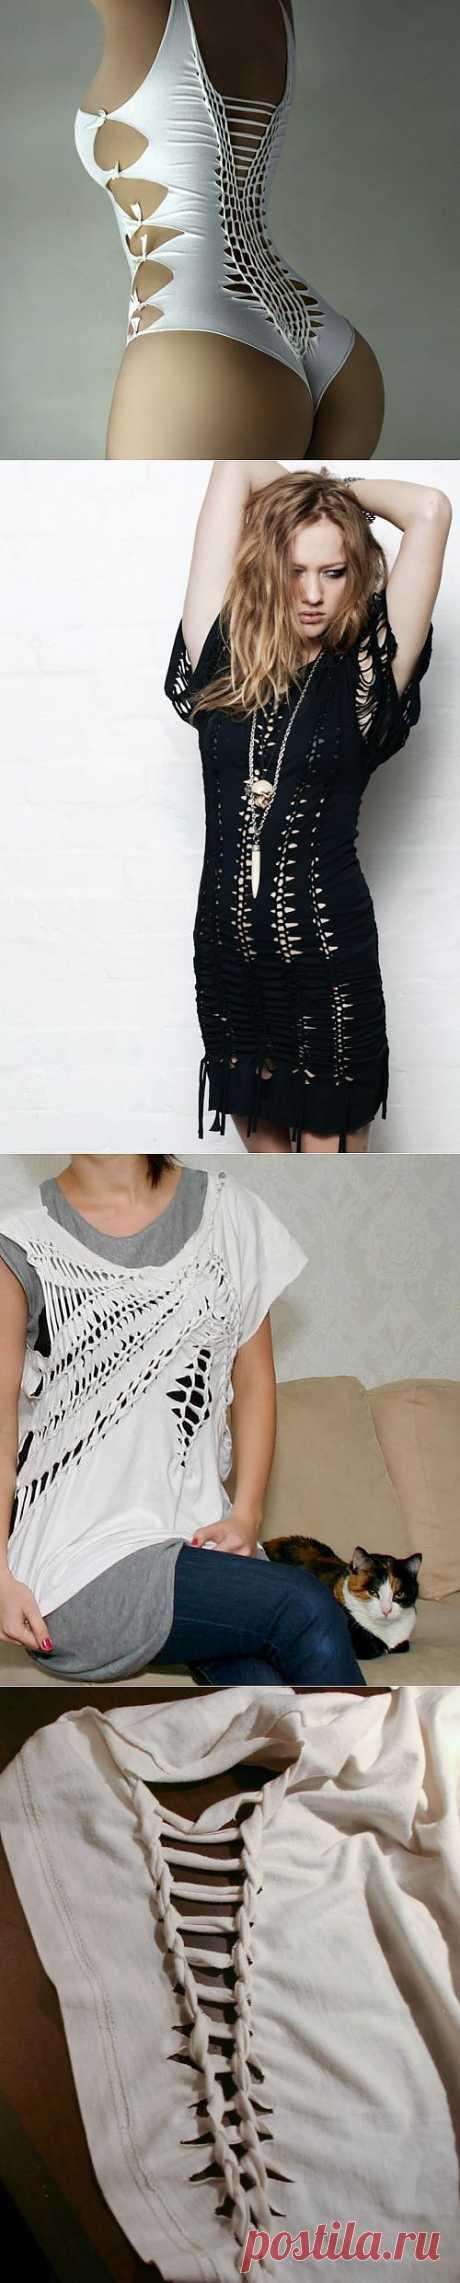 Переделка одежды. Плетение футболок. Это что-то!!!.